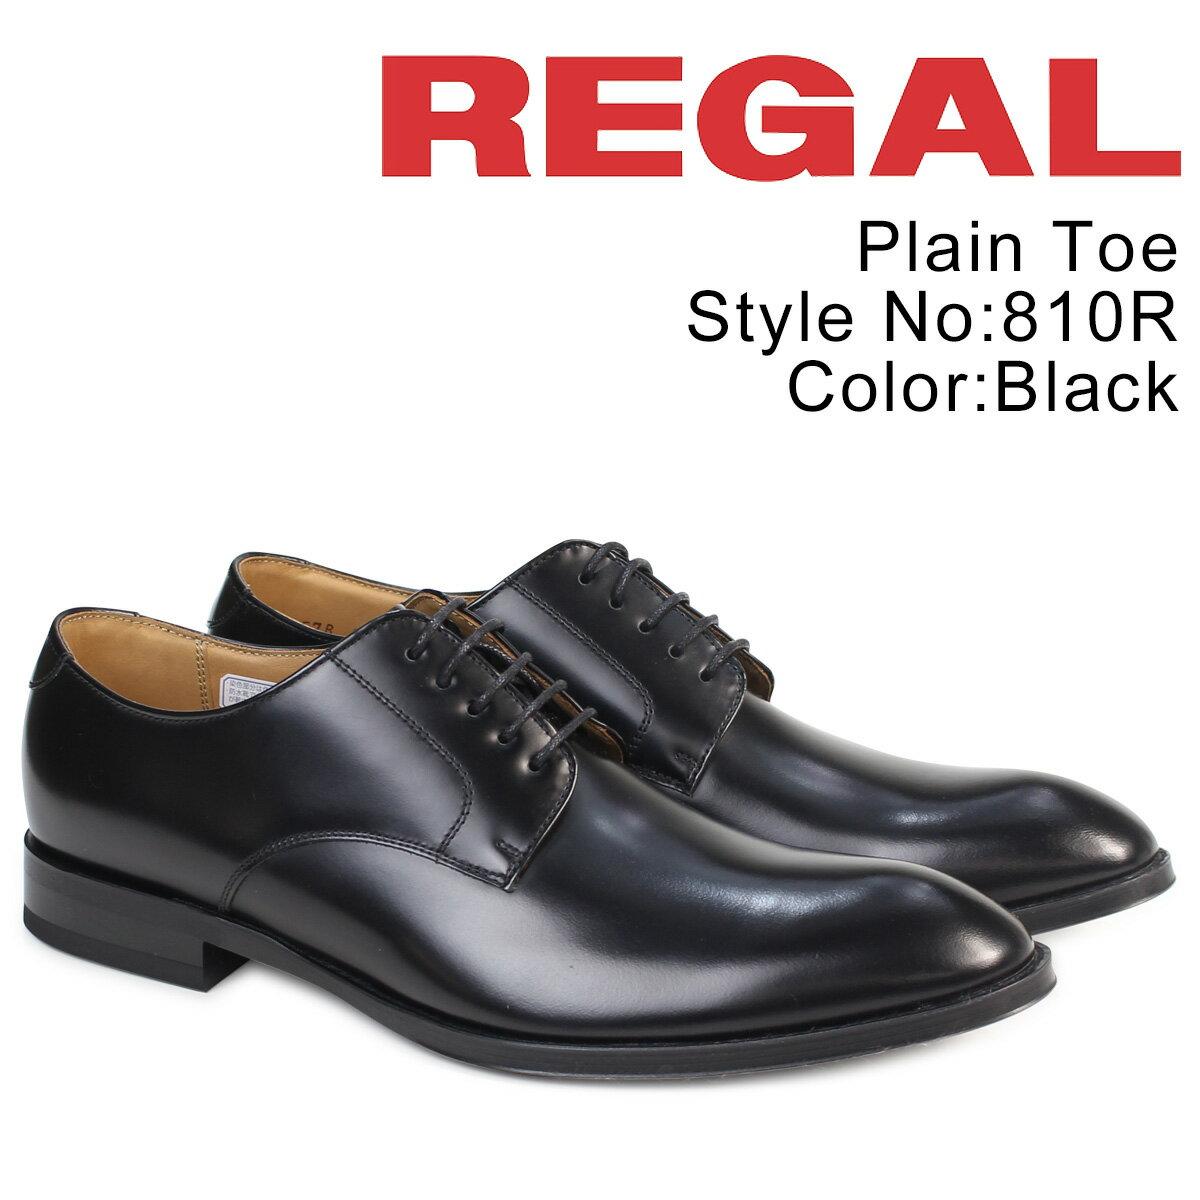 REGAL 靴 メンズ リーガル プレーントゥ 810RAL ビジネスシューズ 日本製 ブラック [11/11 追加入荷][1711]